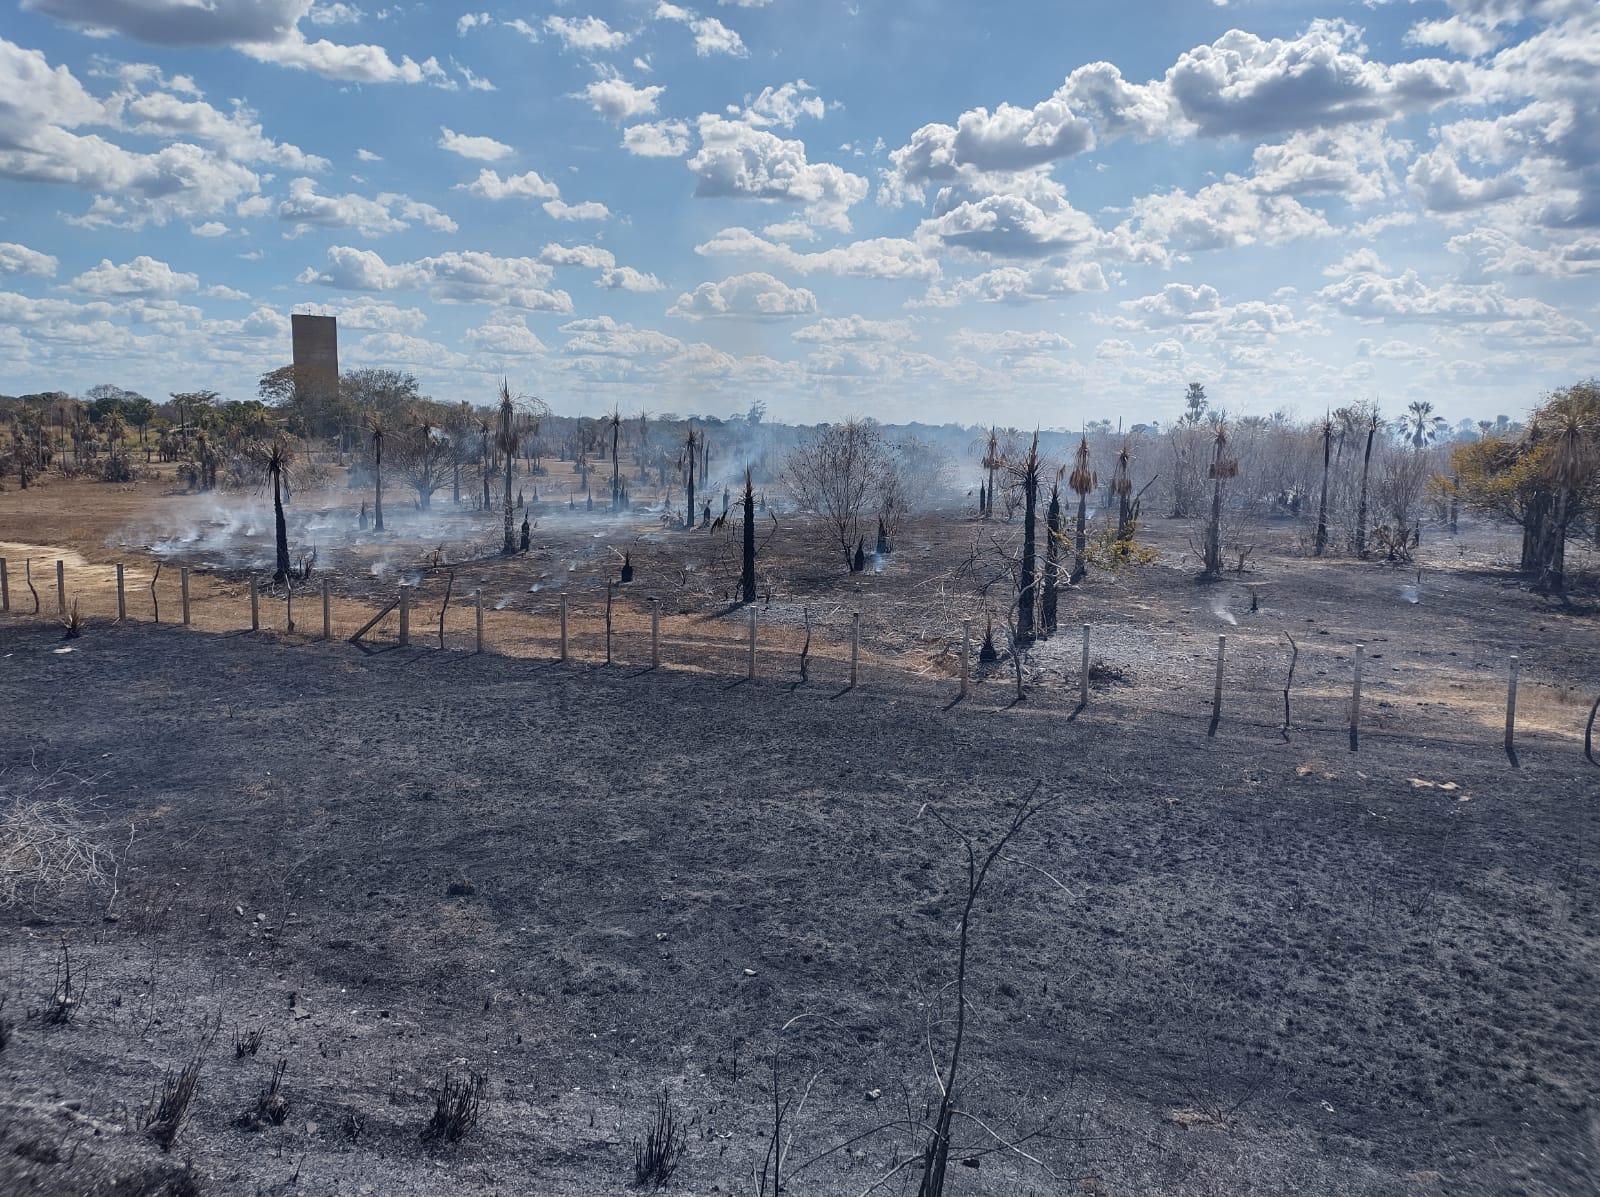 Incêndio atingiu áreas próximas ao Monumento da Batalha de Jenipapo | FOTO: Reprodução